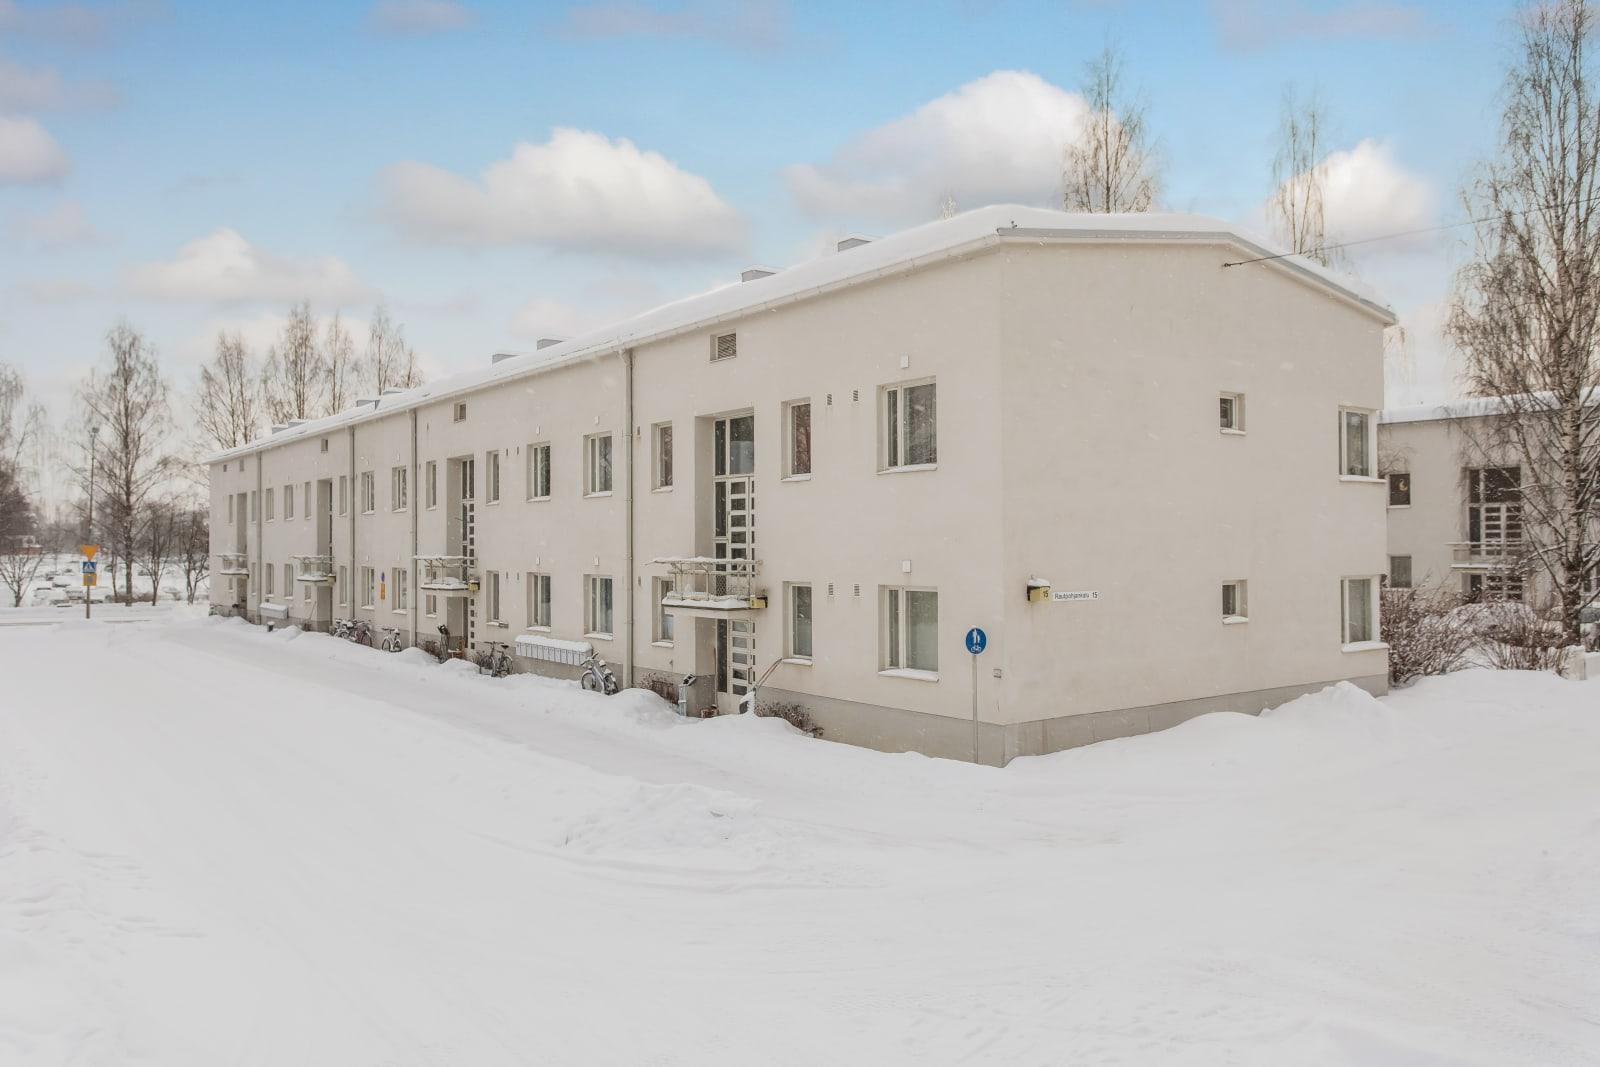 Jyväskylä, Rautpohja, Rautpohjankatu, Syrjälänkatu